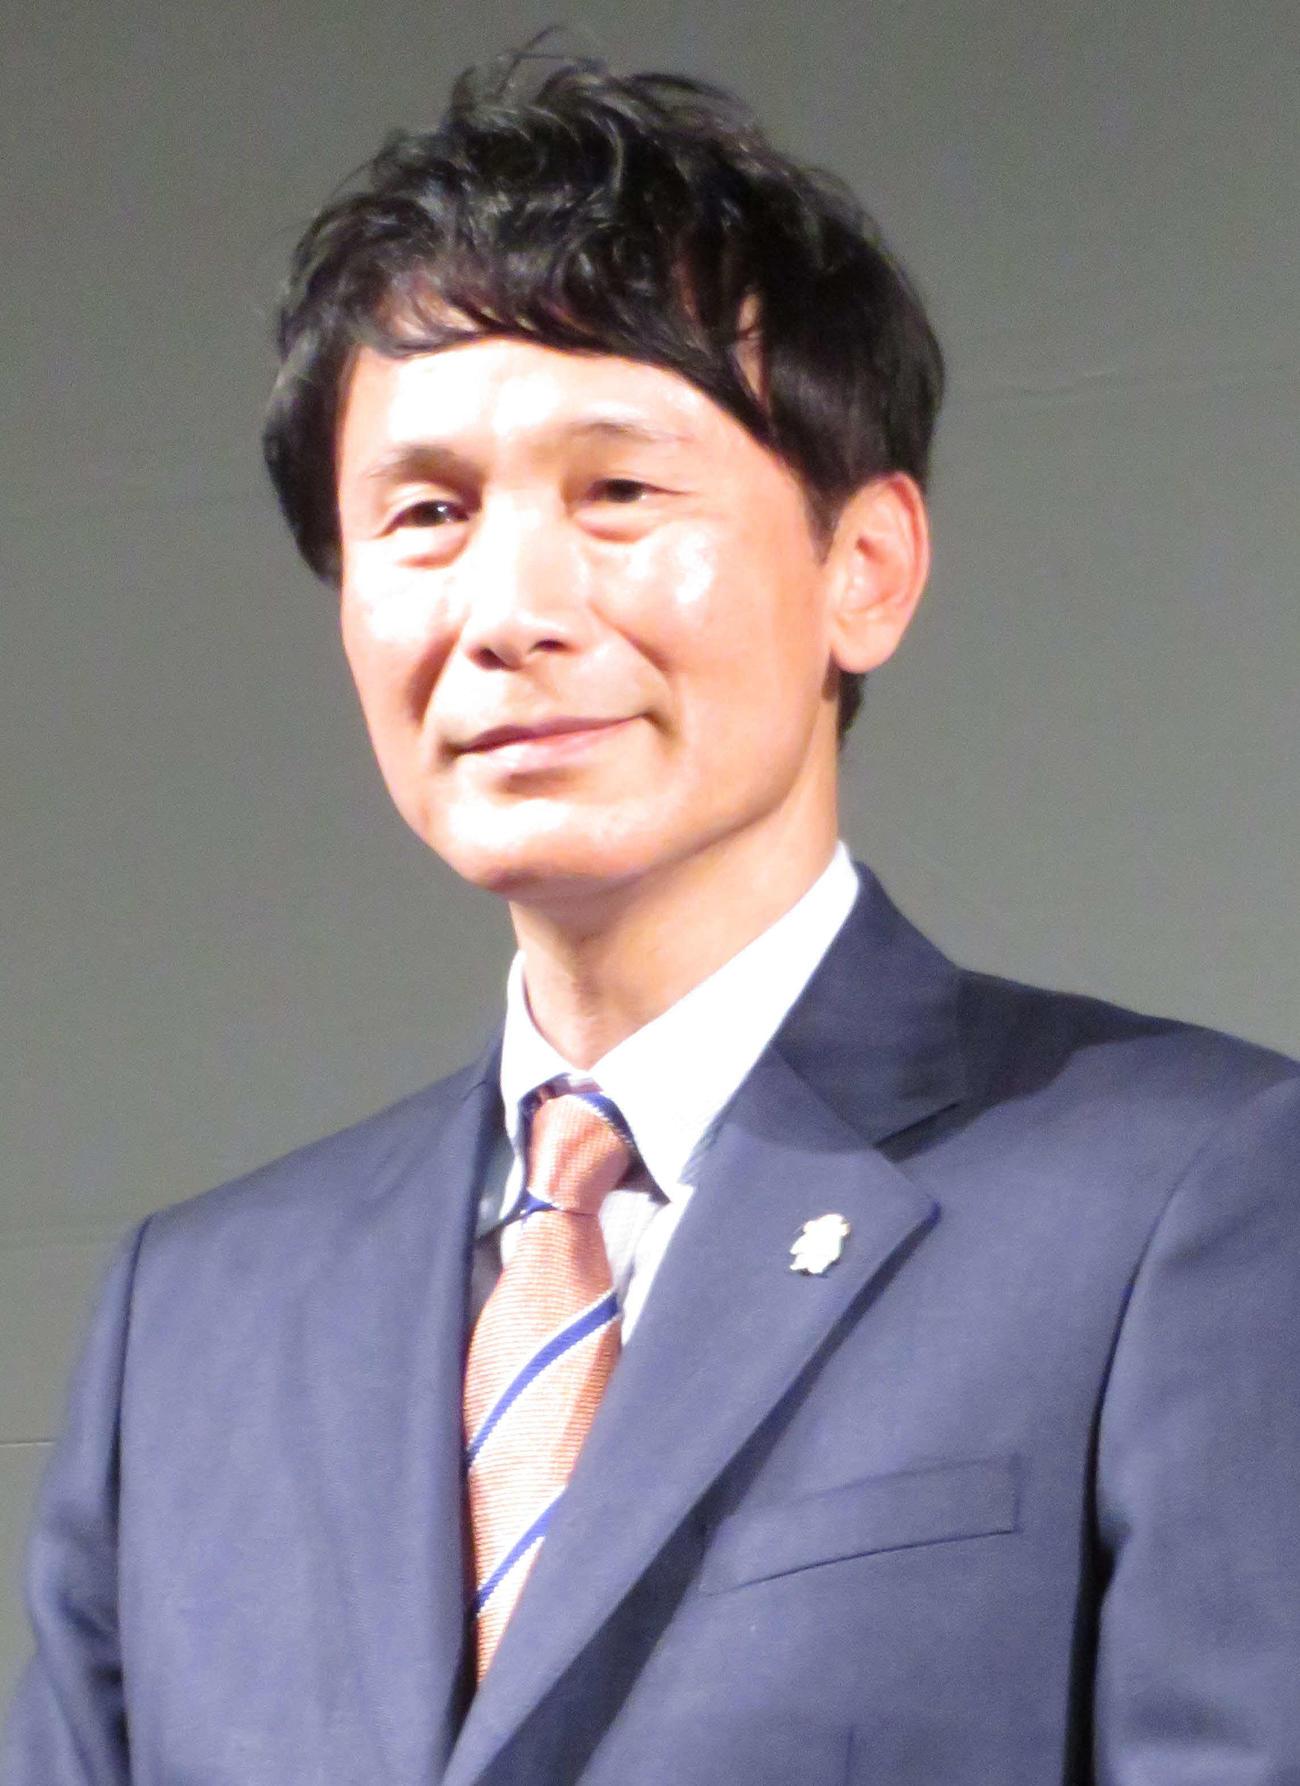 三反園訓鹿児島県知事(17年12月3日撮影)